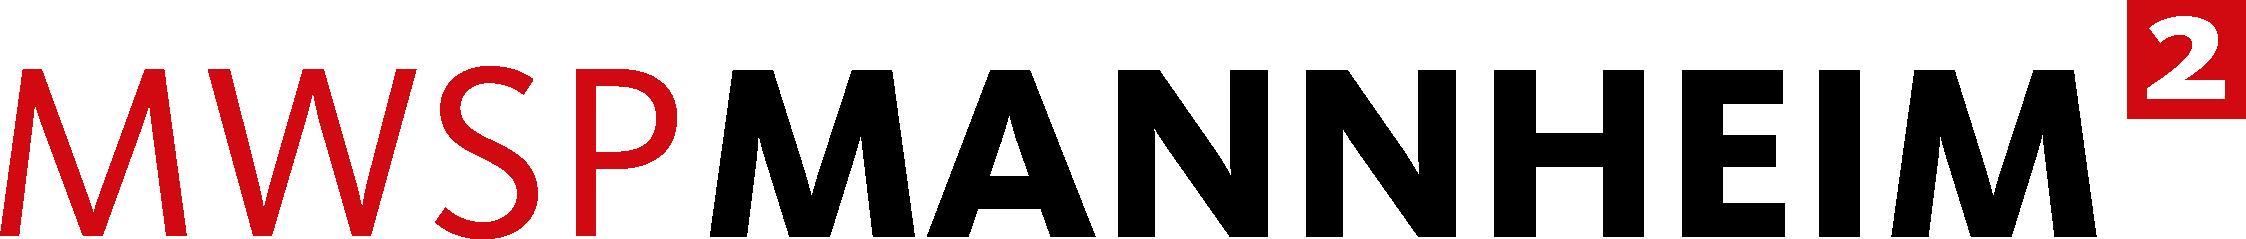 MWSP Mannheim